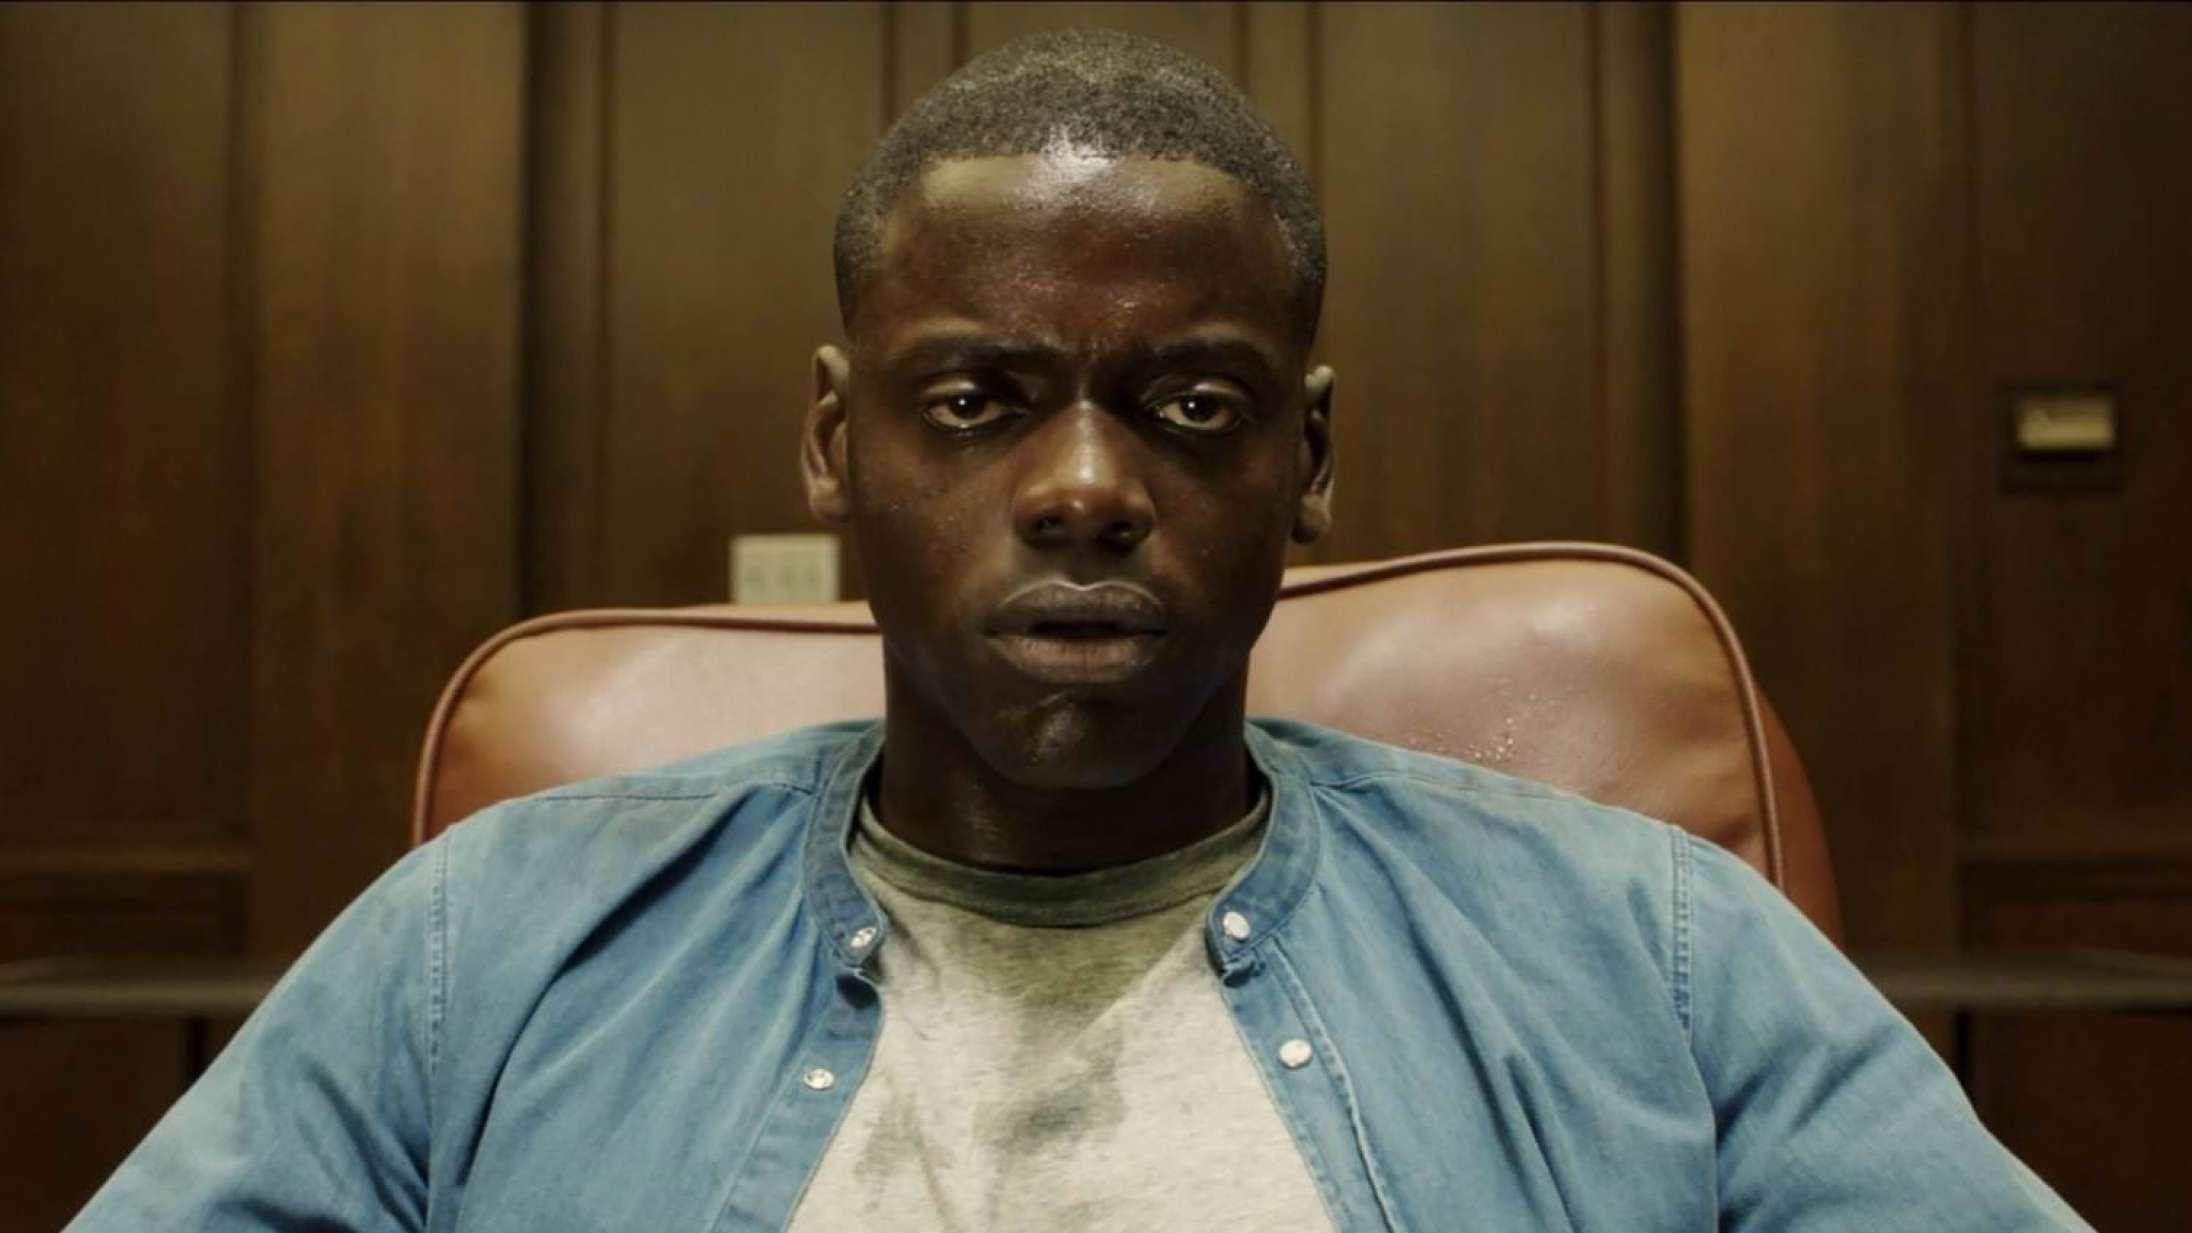 Hovedrollerne til Jordan Peeles kommende film er fundet